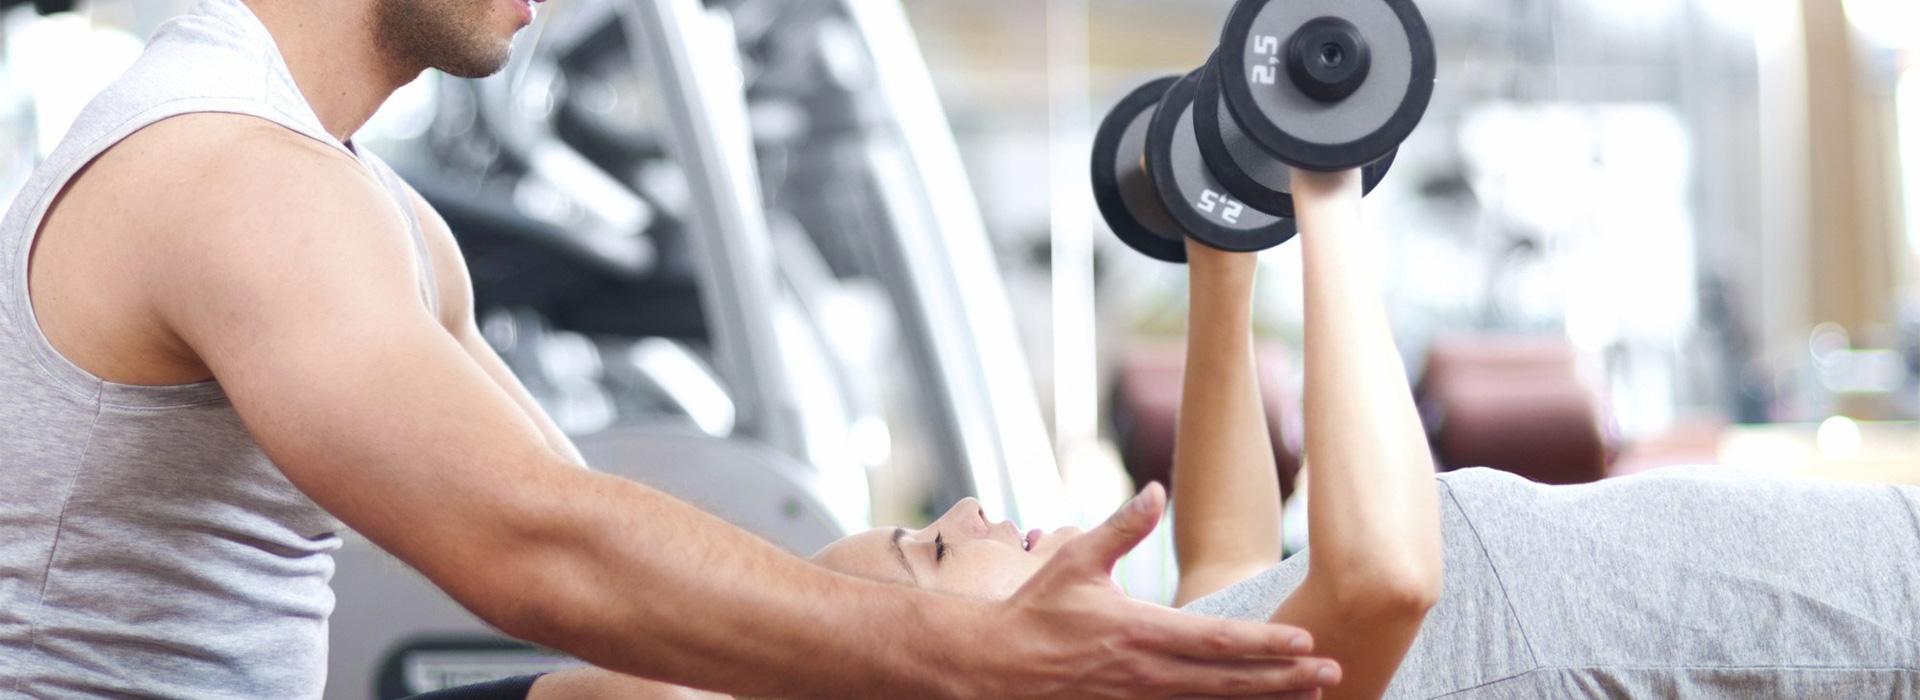 Palestra Spartan Gym